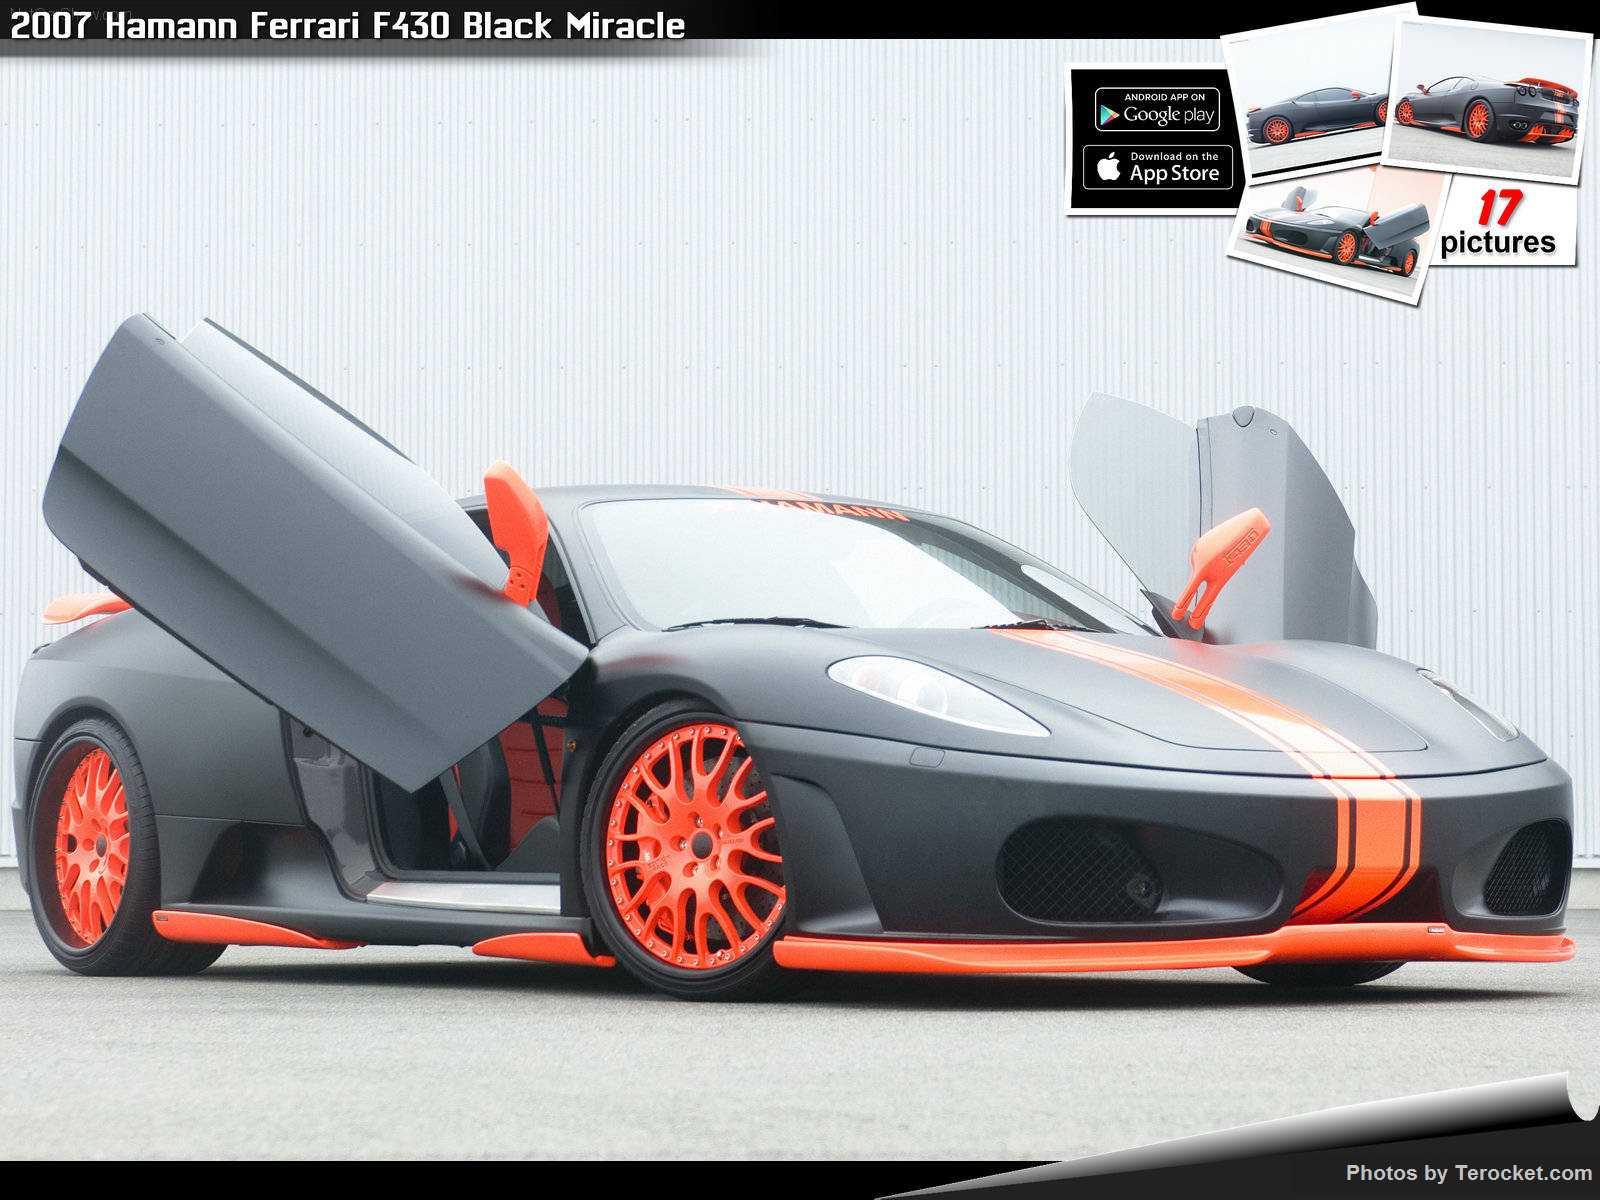 Hình ảnh xe ô tô Hamann Ferrari F430 Black Miracle 2007 & nội ngoại thất